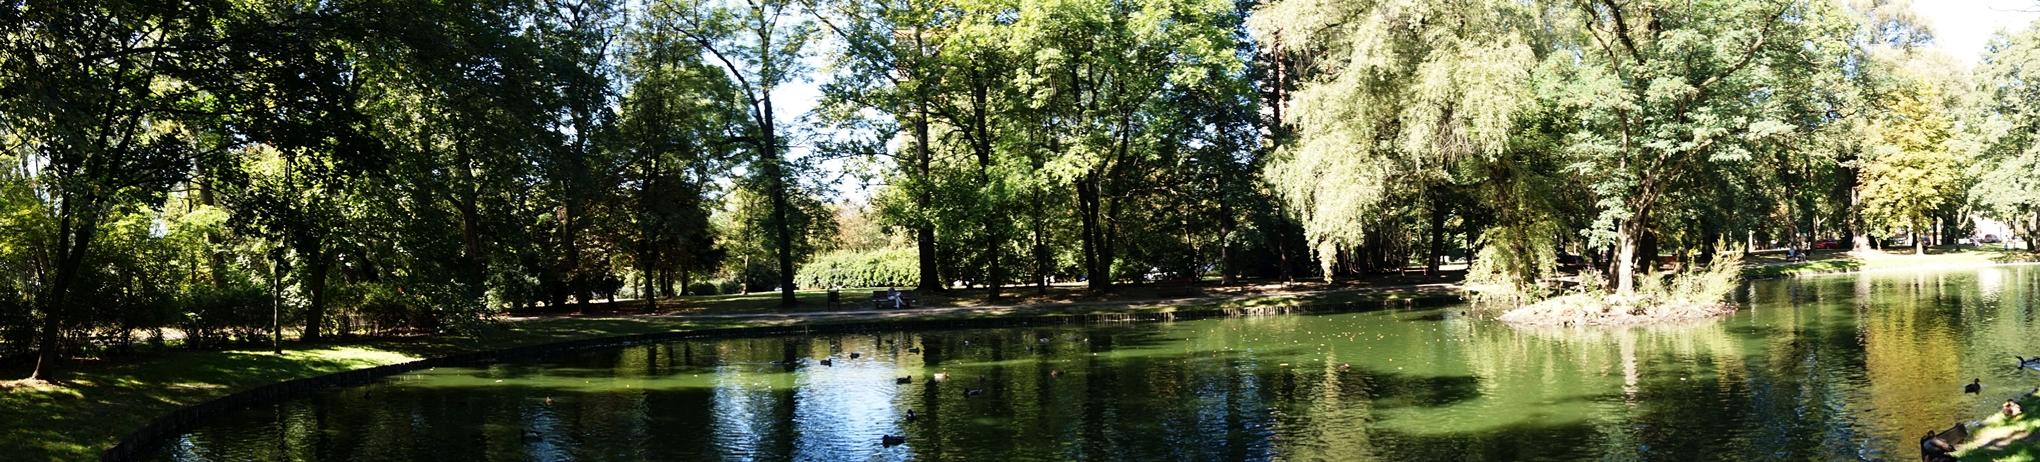 Park Sielanka 2